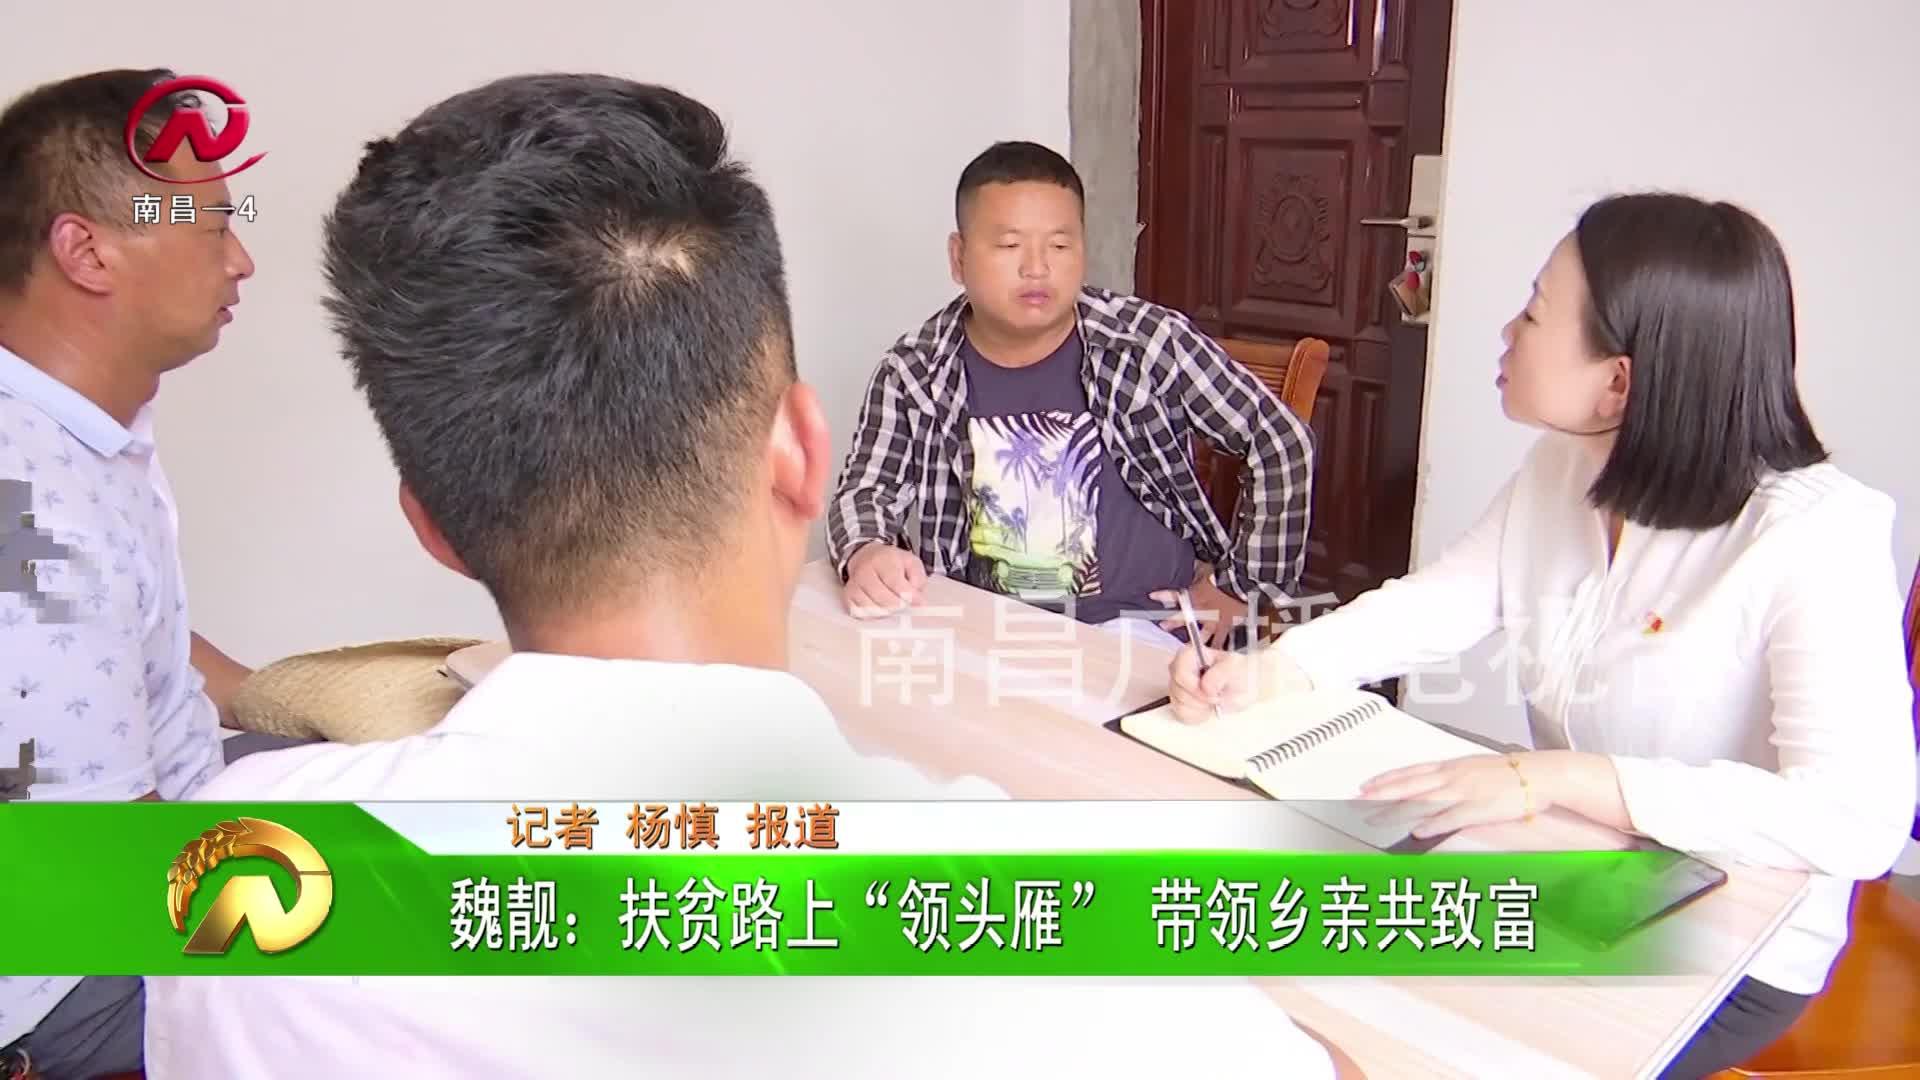 """【豫章农视】魏靓:扶贫路上""""领头雁"""" 带领乡亲共致富"""